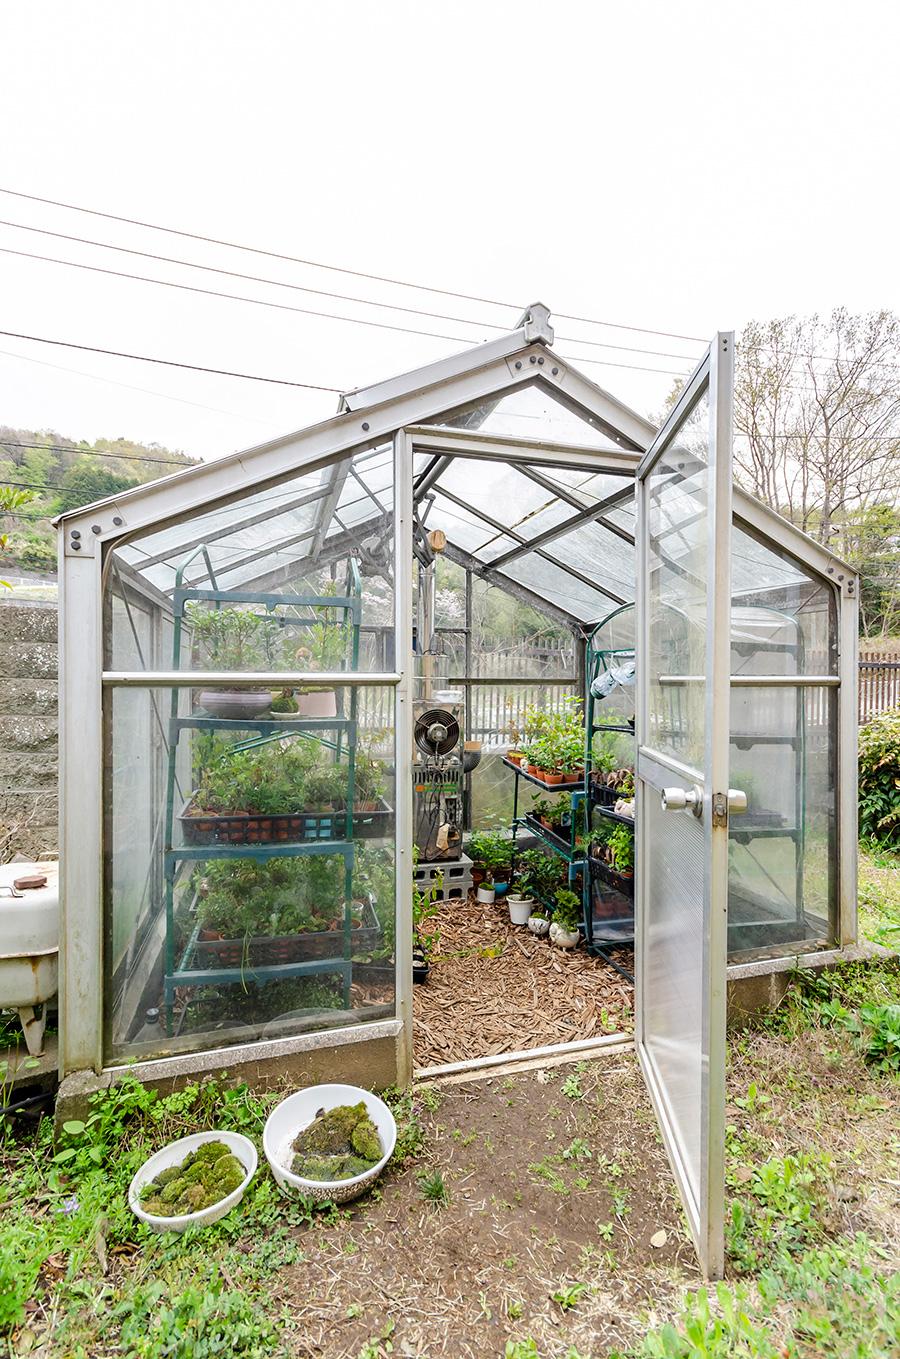 アトリエは自然豊かな秦野市に。温かなハウスでミニ盆栽の苗が育てられている。